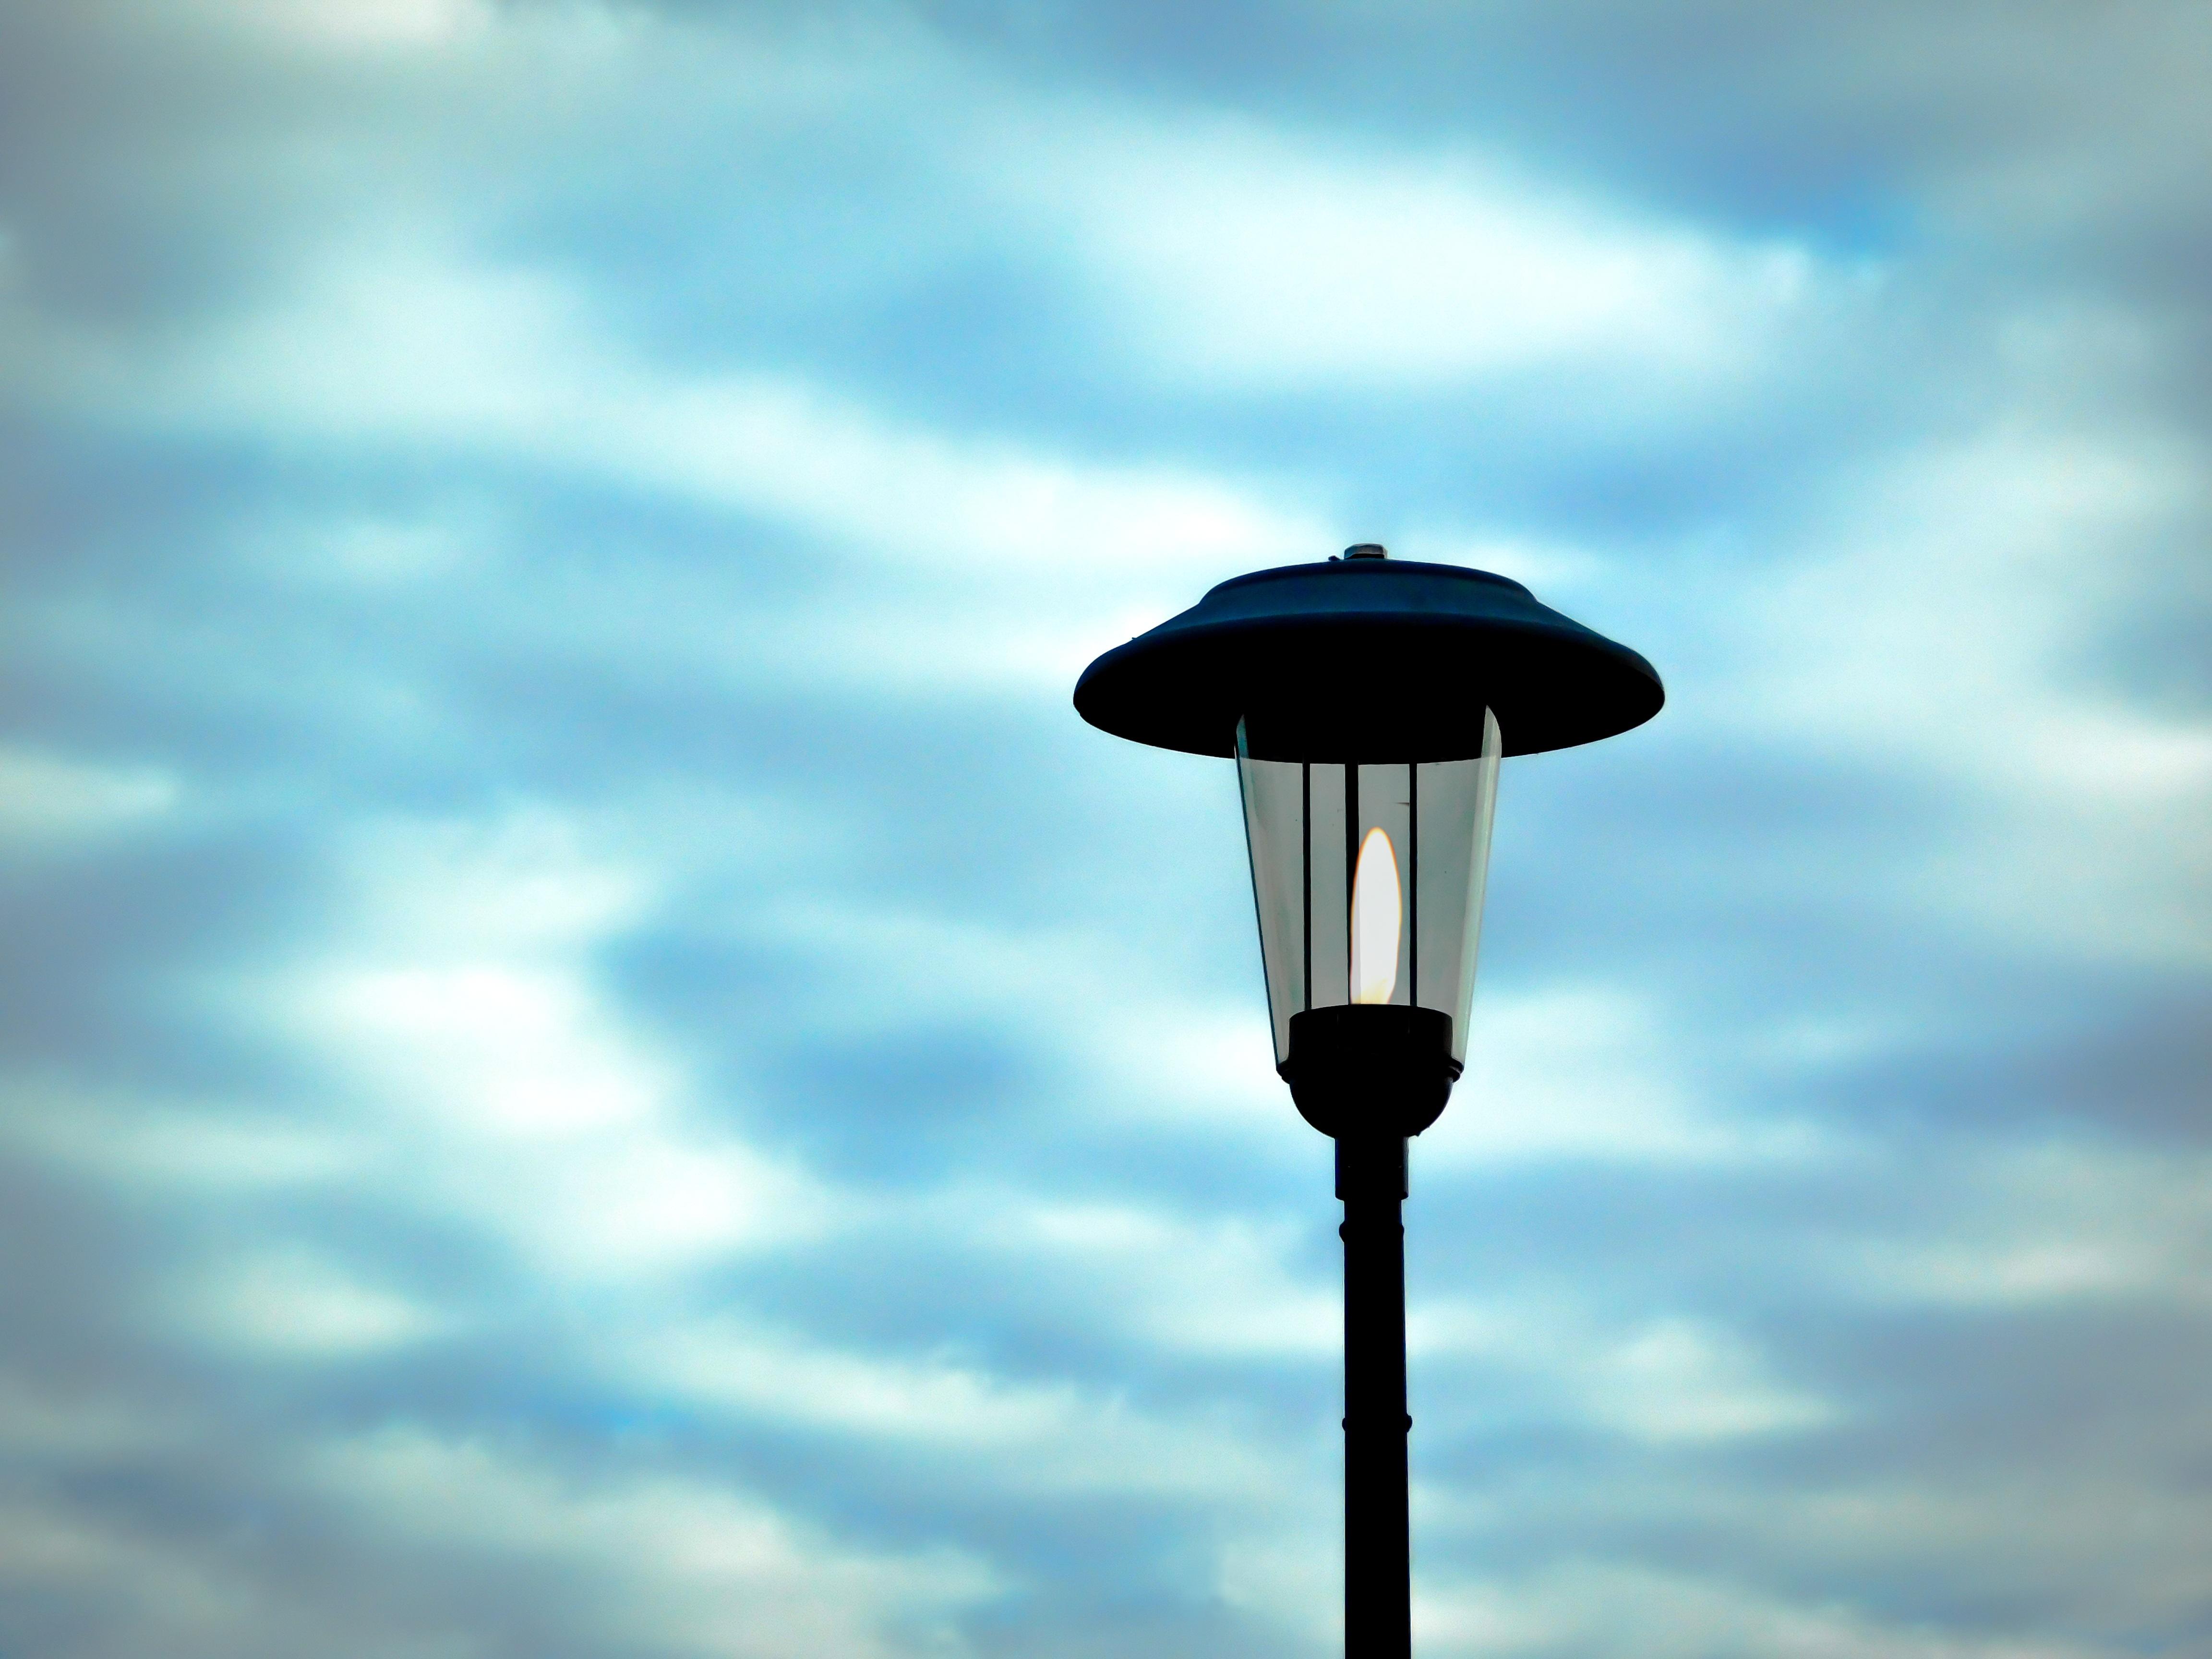 Illuminazione Esterna Lanterna : Immagini belle : leggero nube cielo vento crepuscolo lanterna